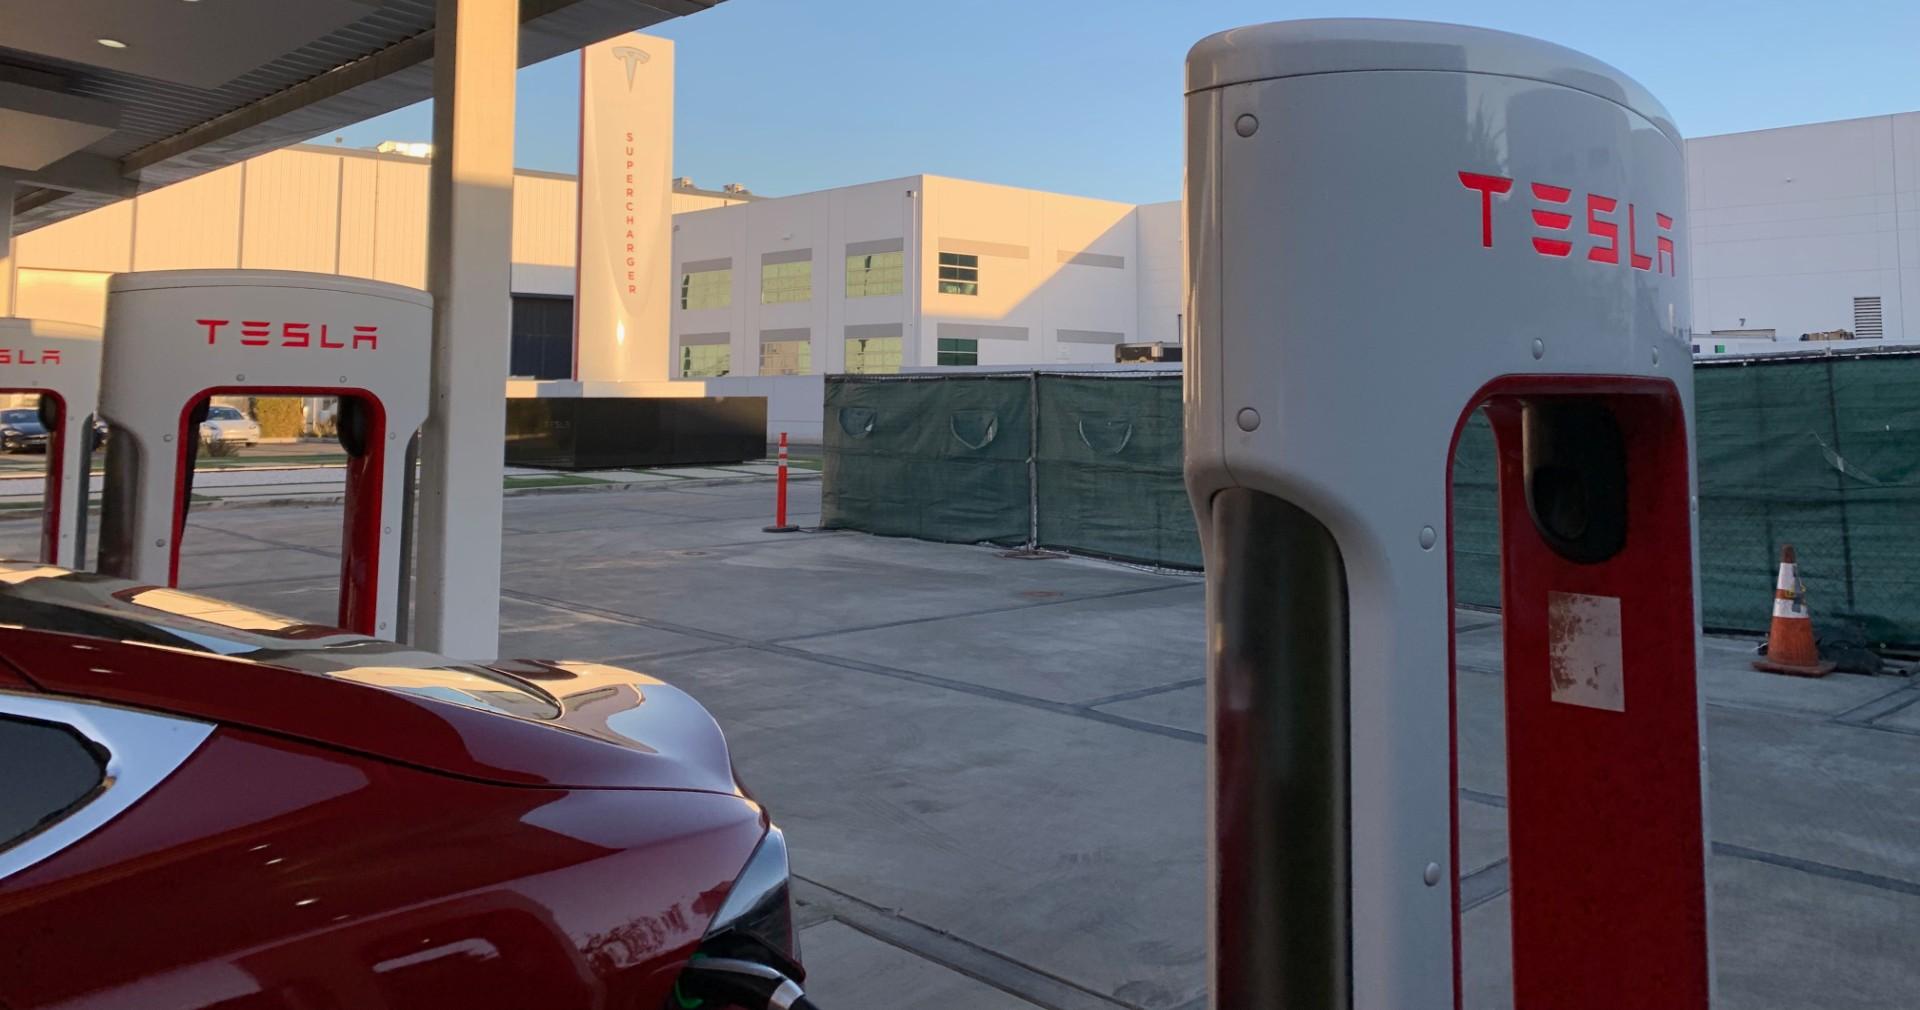 tesla-supercharger-v3-la-design-center-5a